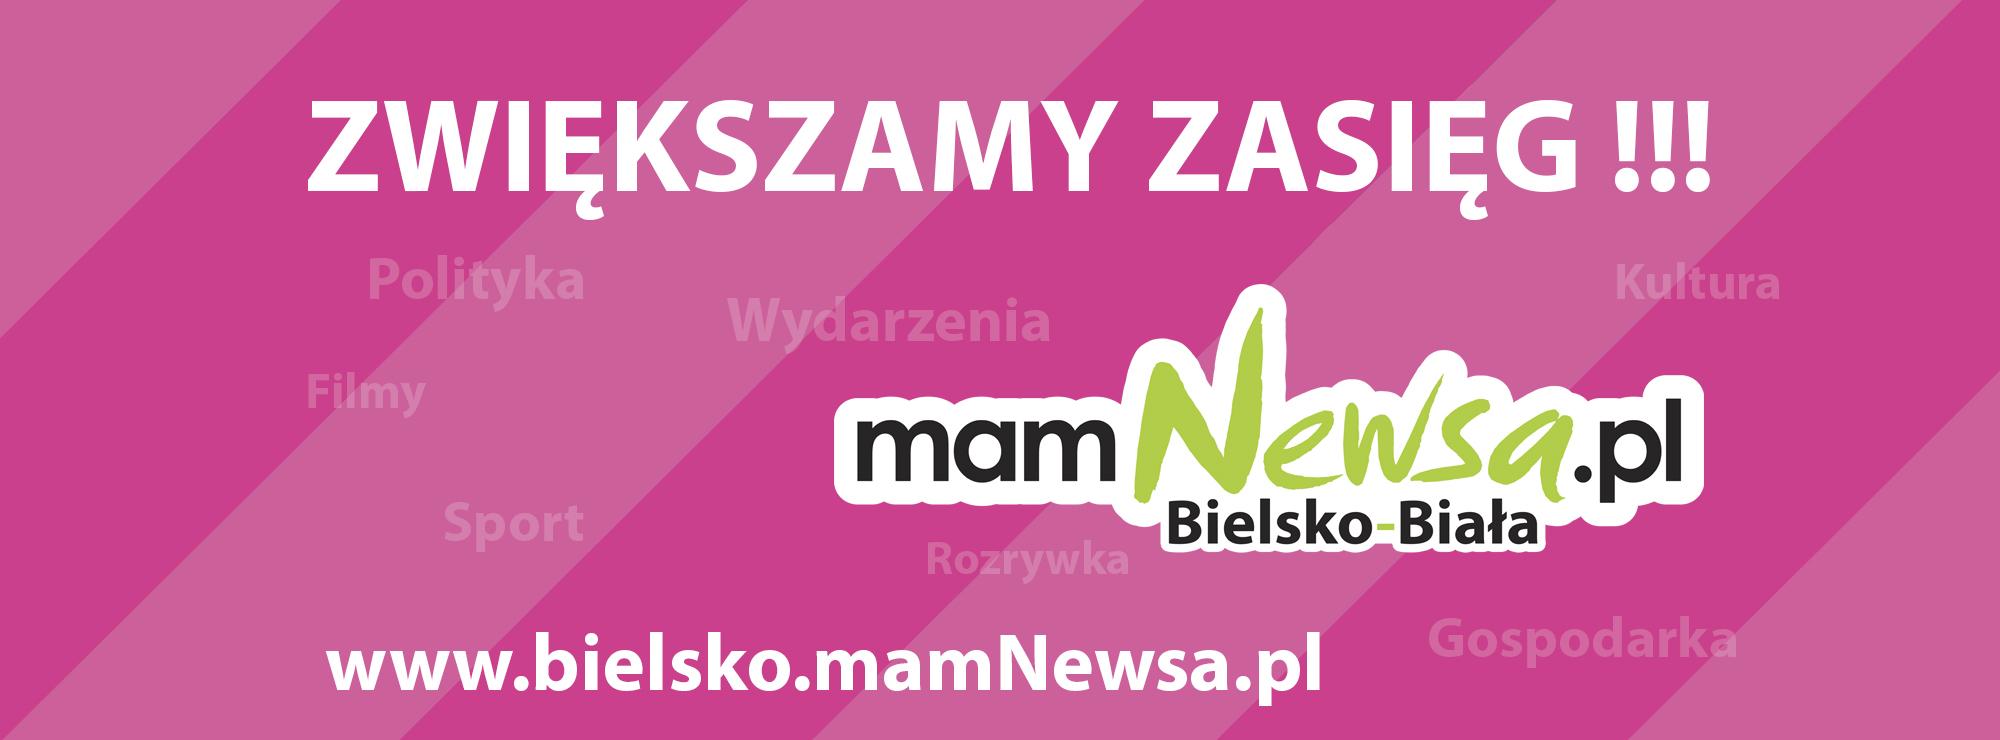 Zapraszamy na www.bielsko.mamNewsa.pl